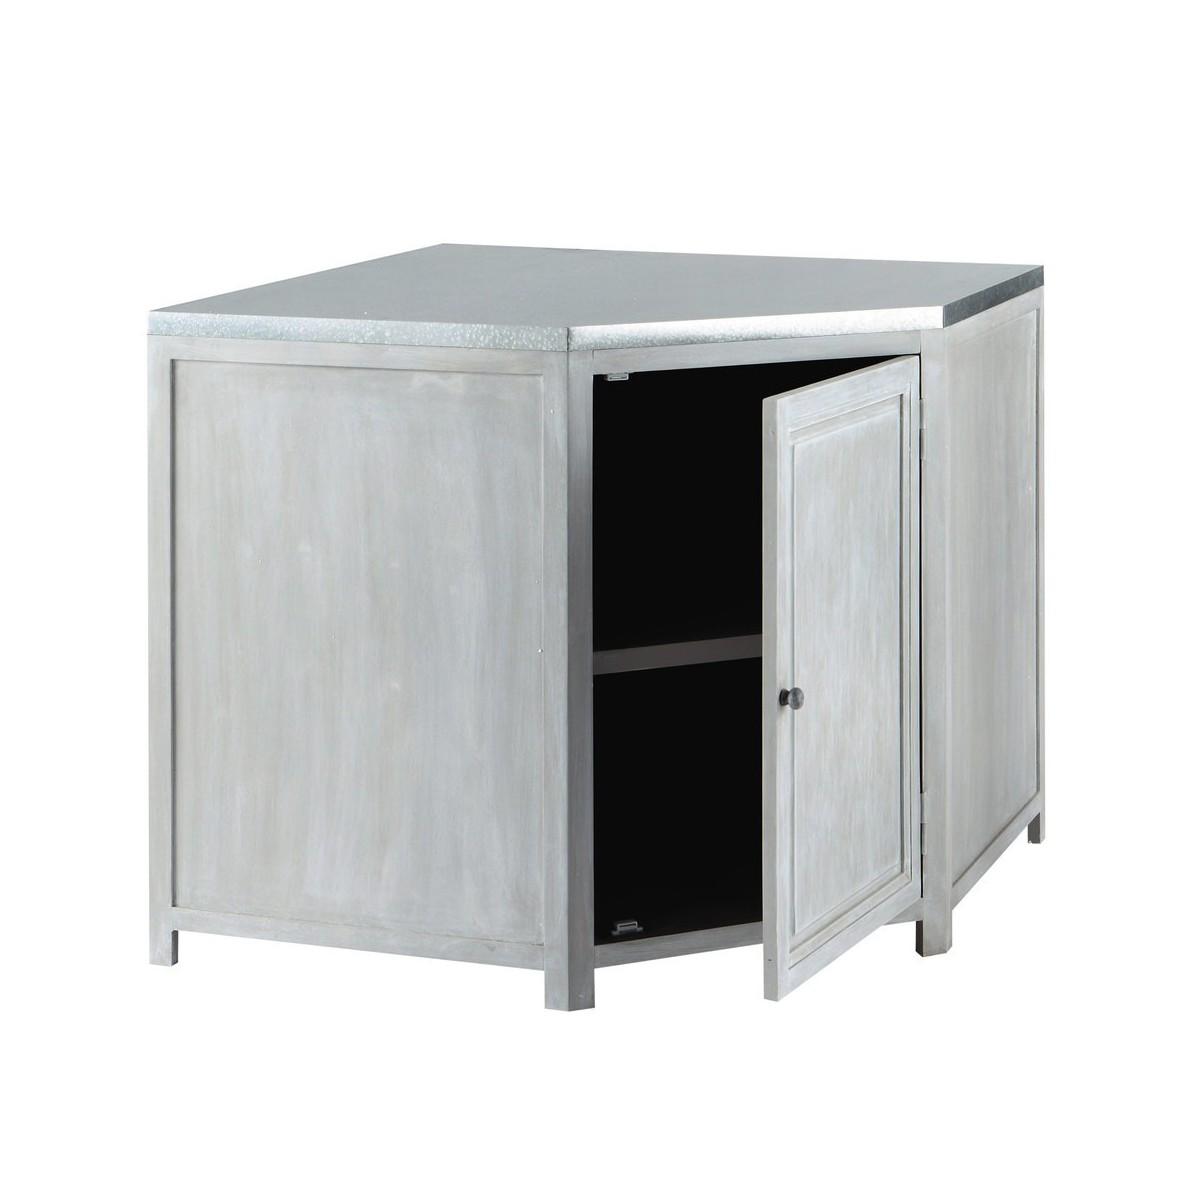 Meuble bas d 39 angle de cuisine en bois d 39 acacia gris l 99 cm - Meuble bas cuisine gris ...